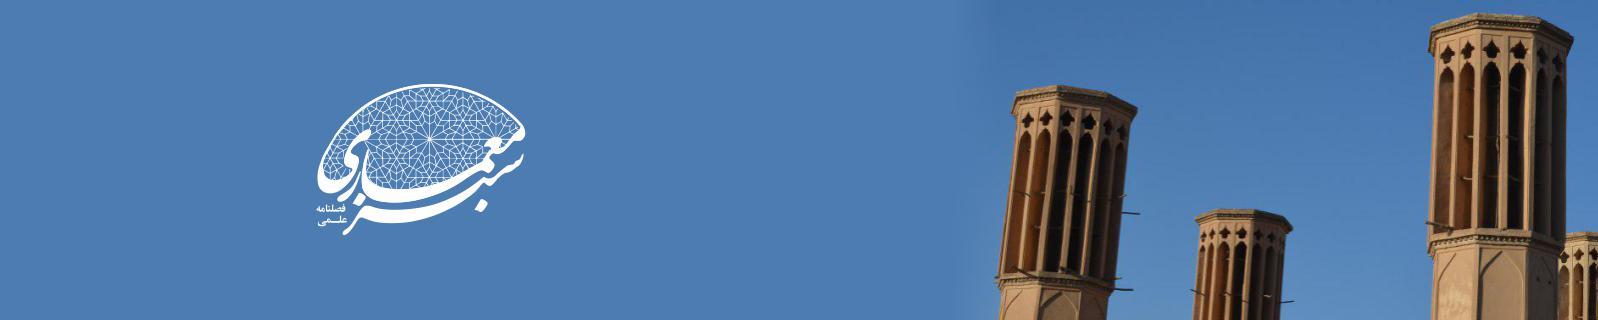 دانلود فصلنامه علمی تخصصی معماری سبز ؛ شماره ۲۰ ، تابستان ۹۹